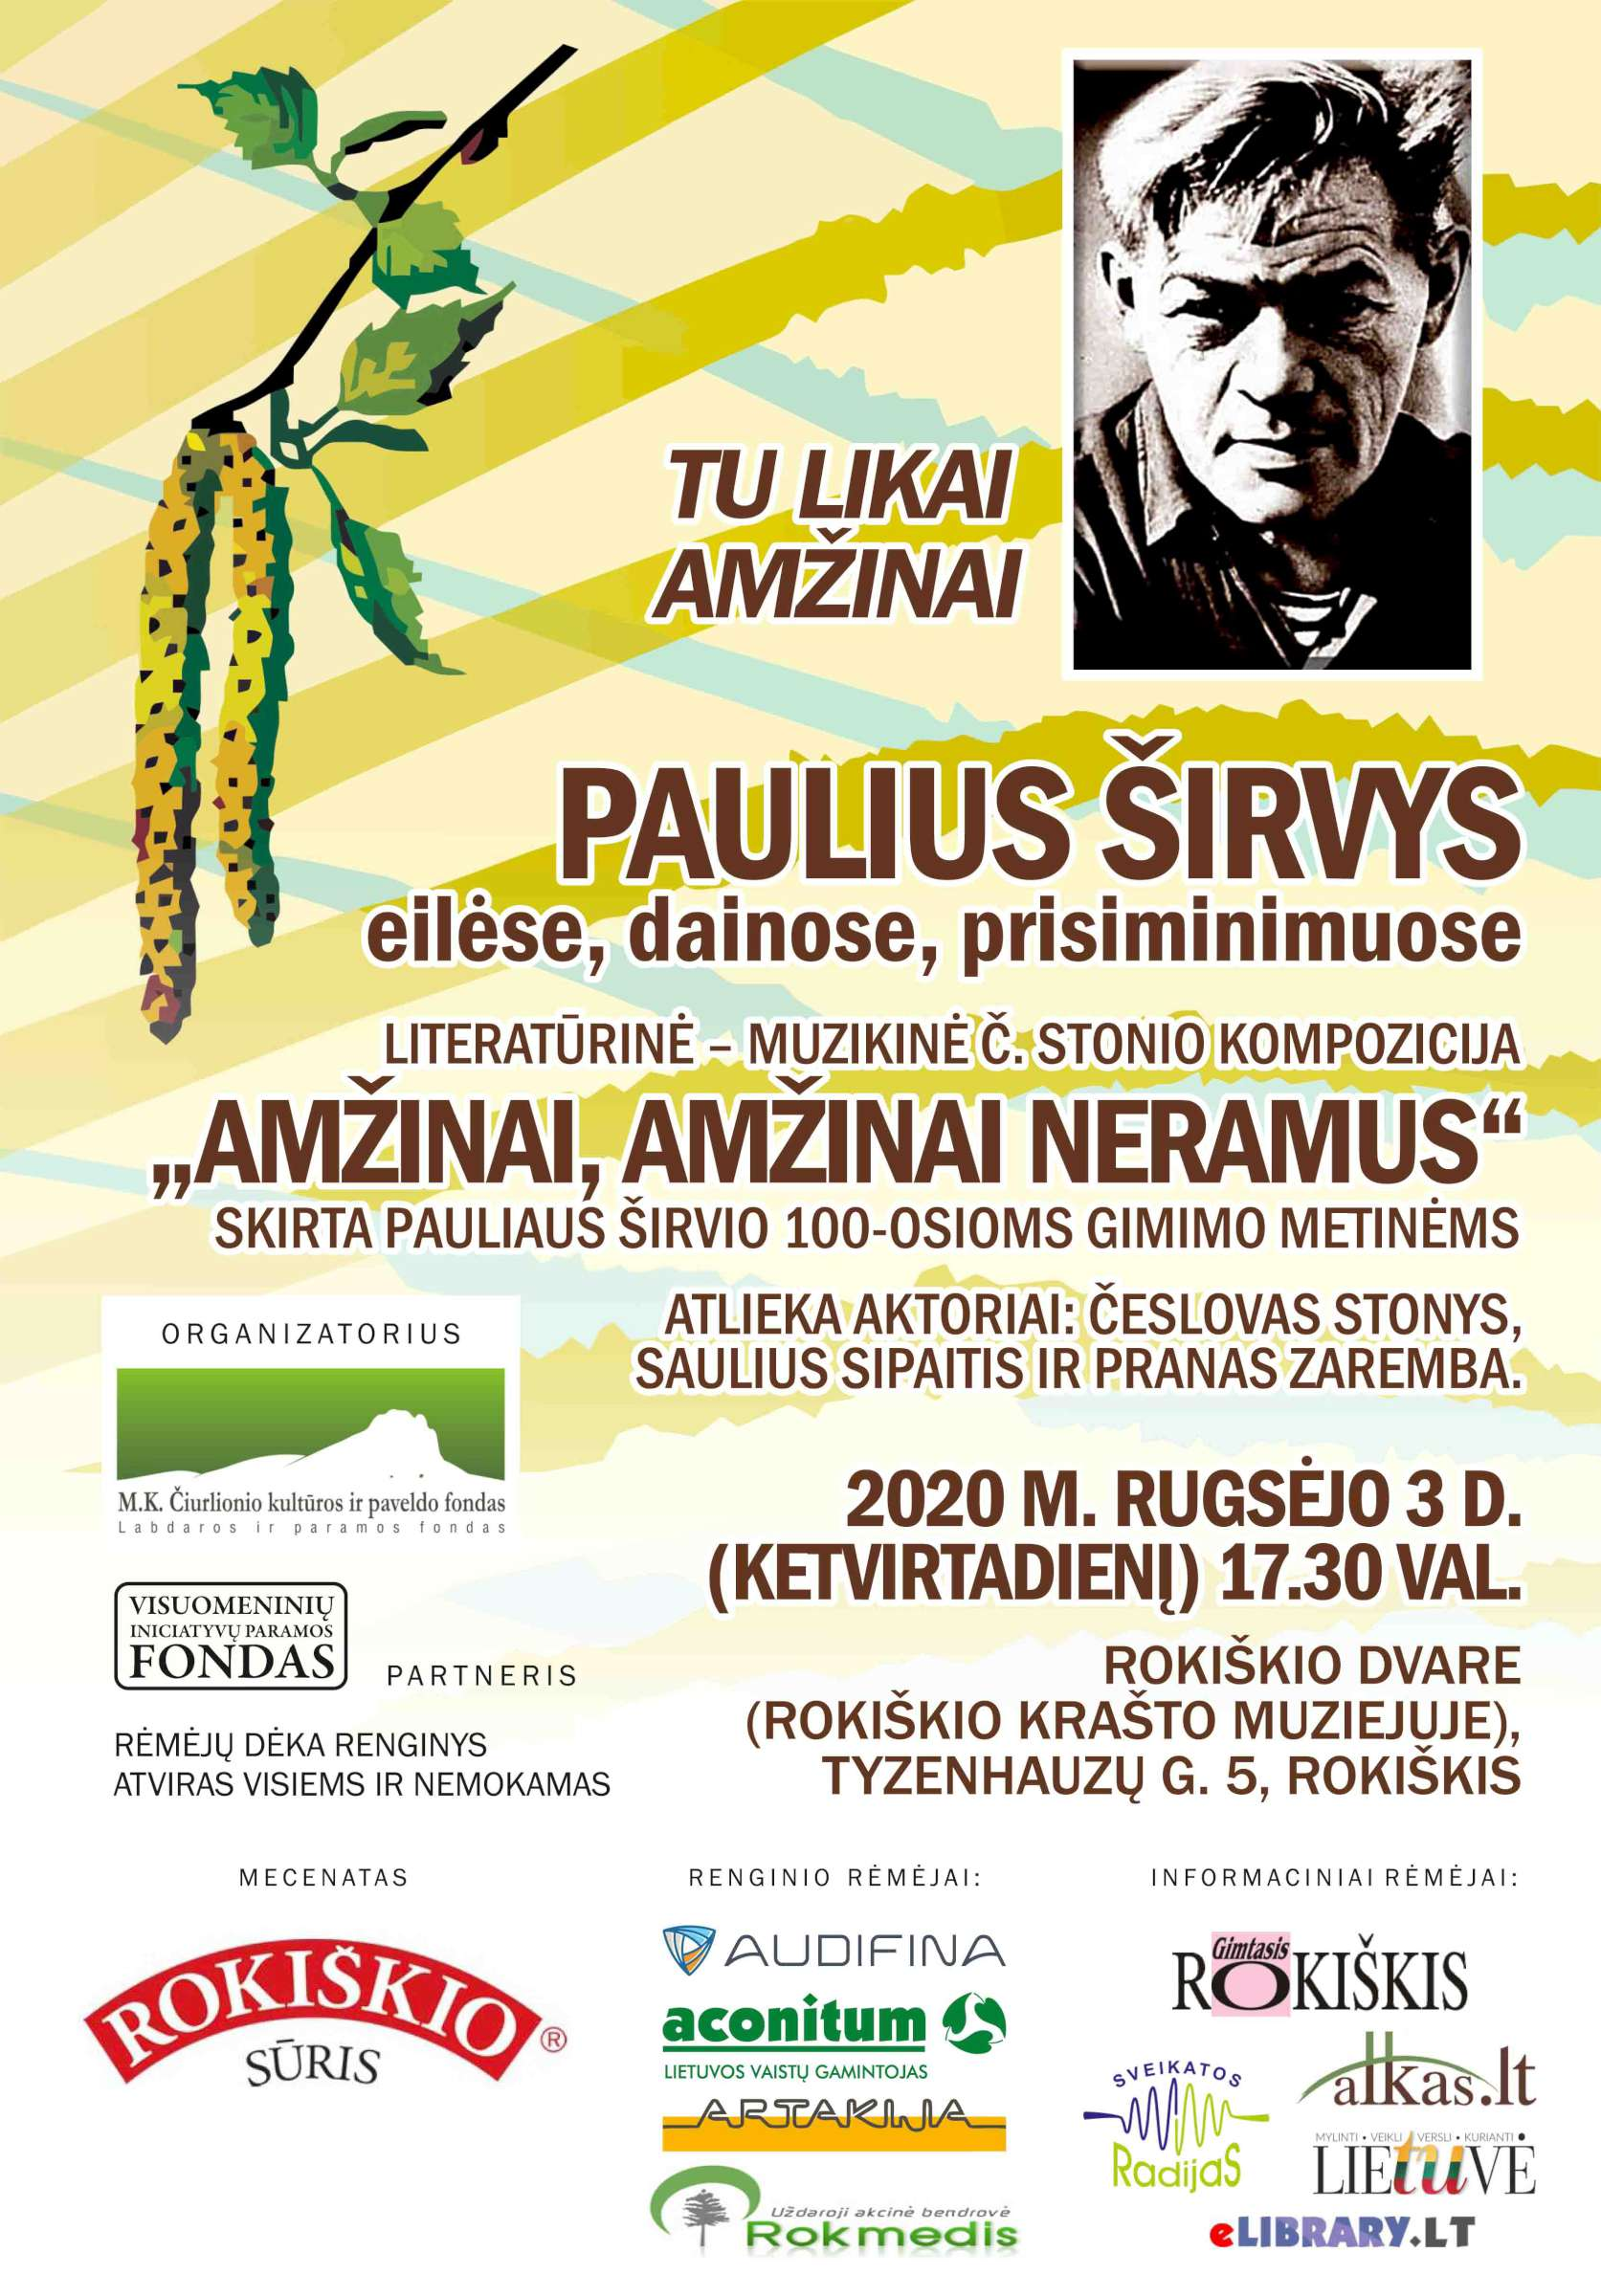 Afisa_Paulius Sirvys_Rokiskis_SP-2400